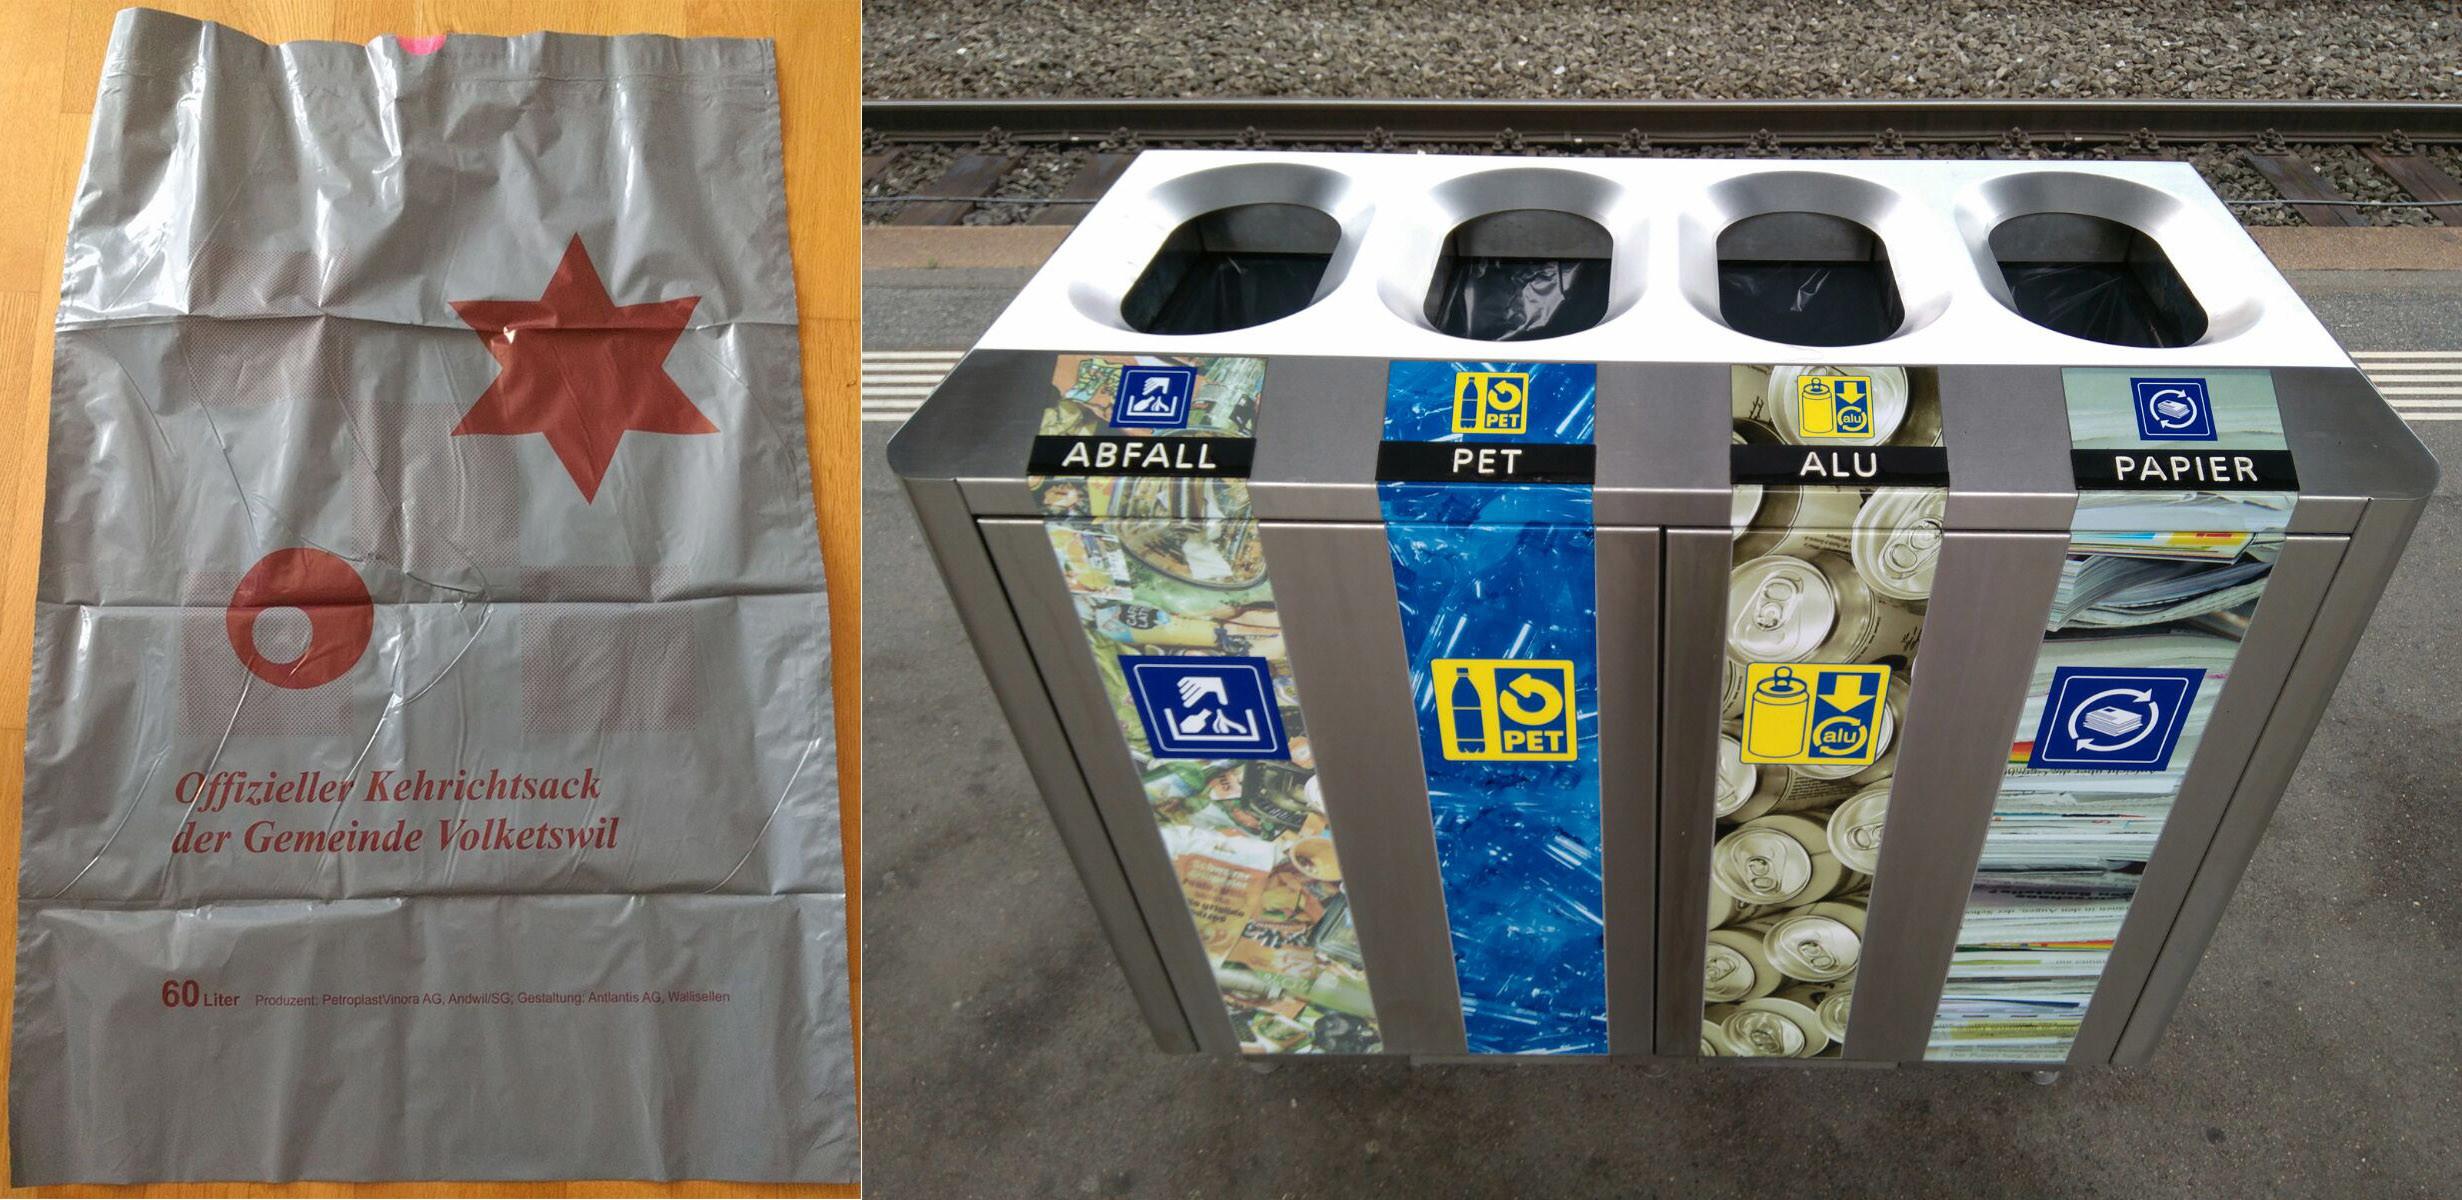 Suiza, estaciónde Uster distintas basuras